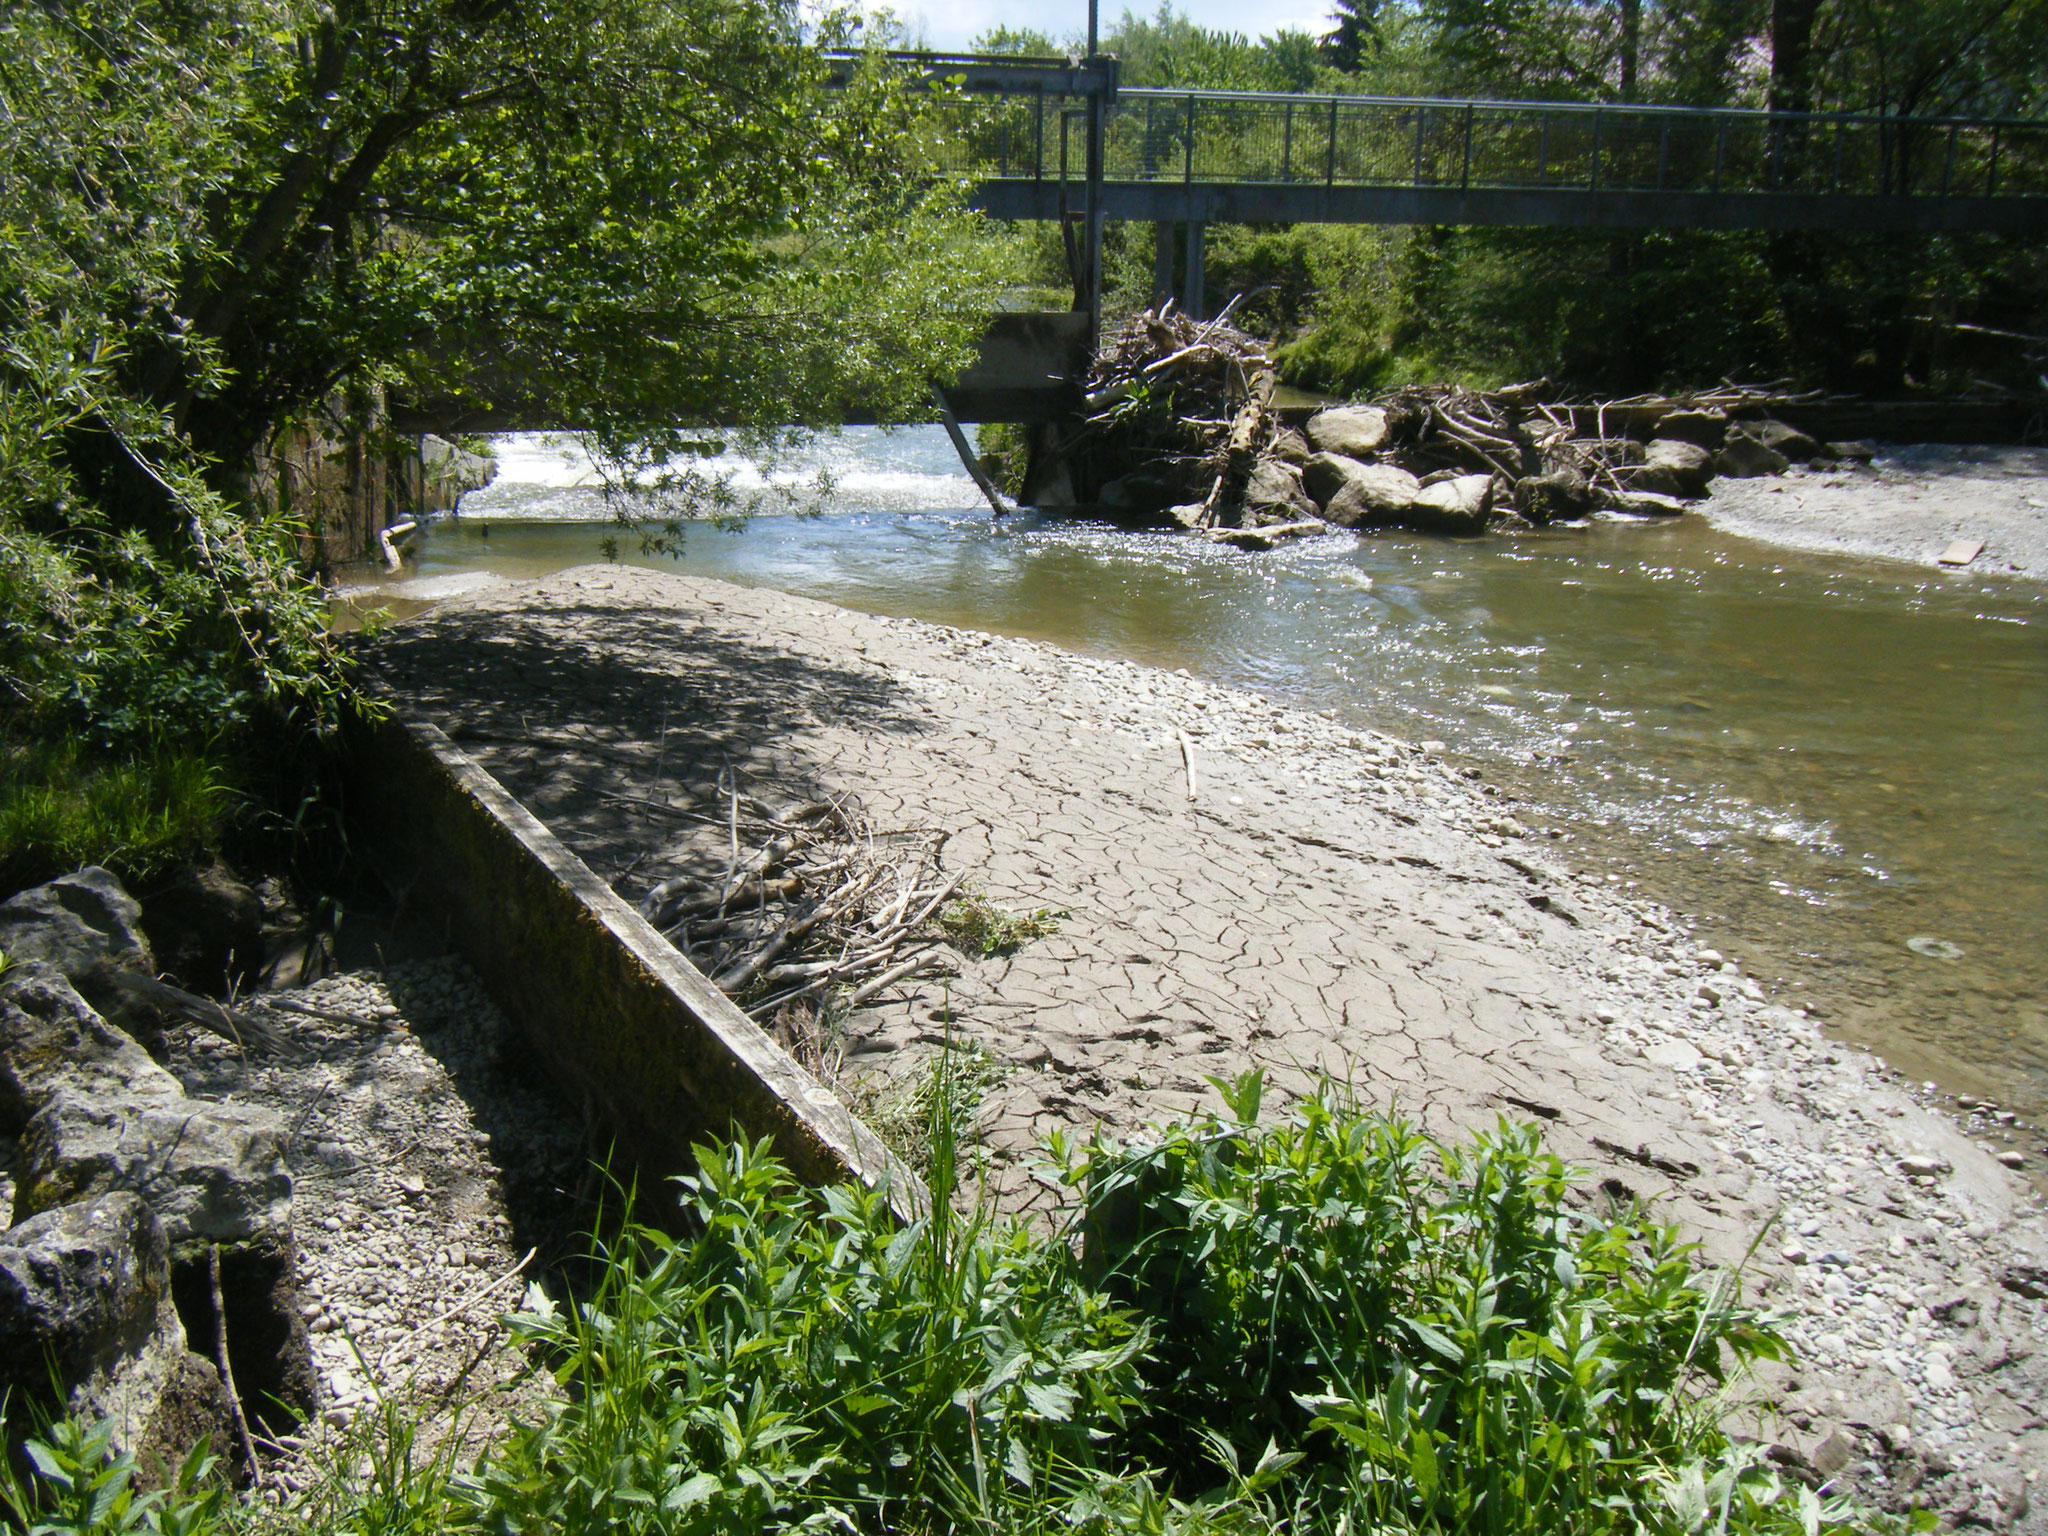 Das Wehr von hinten,   Der Wasserspiegel oberhalb des Wehrs ist um ca. 1 m abgefallen, Der Zufluss zur Fischtreppe befindet sich unter dem Brett links im Bild